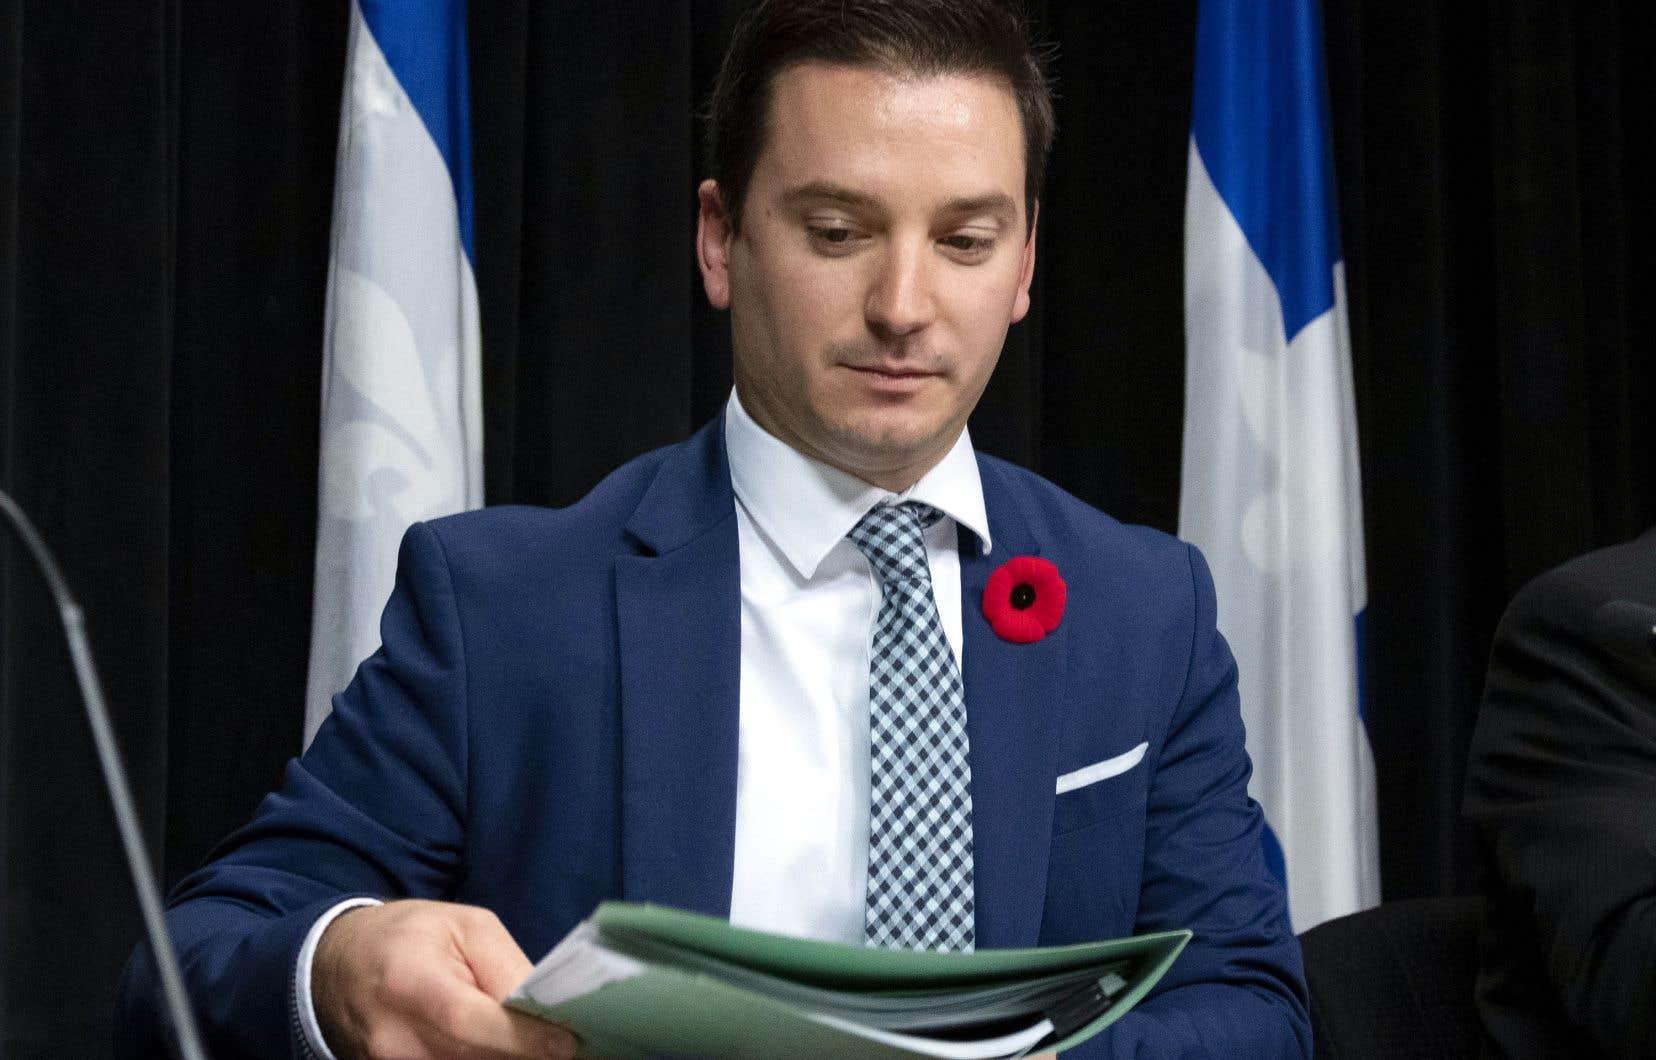 Le ministre de l'Immigration, Simon Jolin-Barrette, a présenté les cibles québécoises en matière d'immigration, mais il devra compter sur la collaboration d'Ottawa.